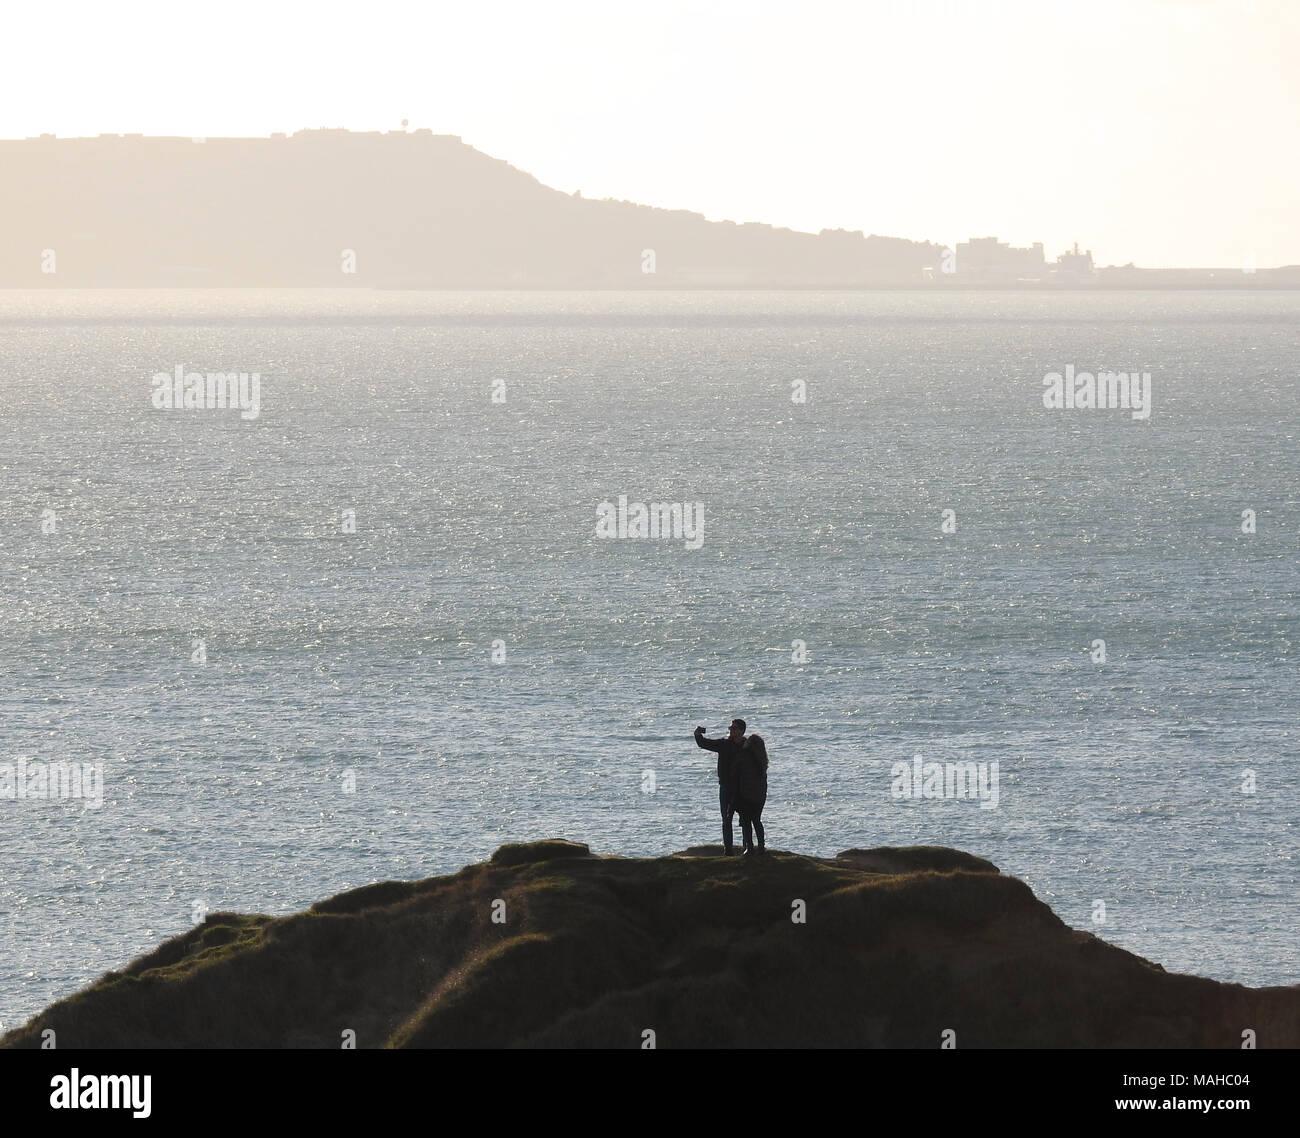 Paar unter Selfie auf einer hohen Klippe an der Küste Stockbild